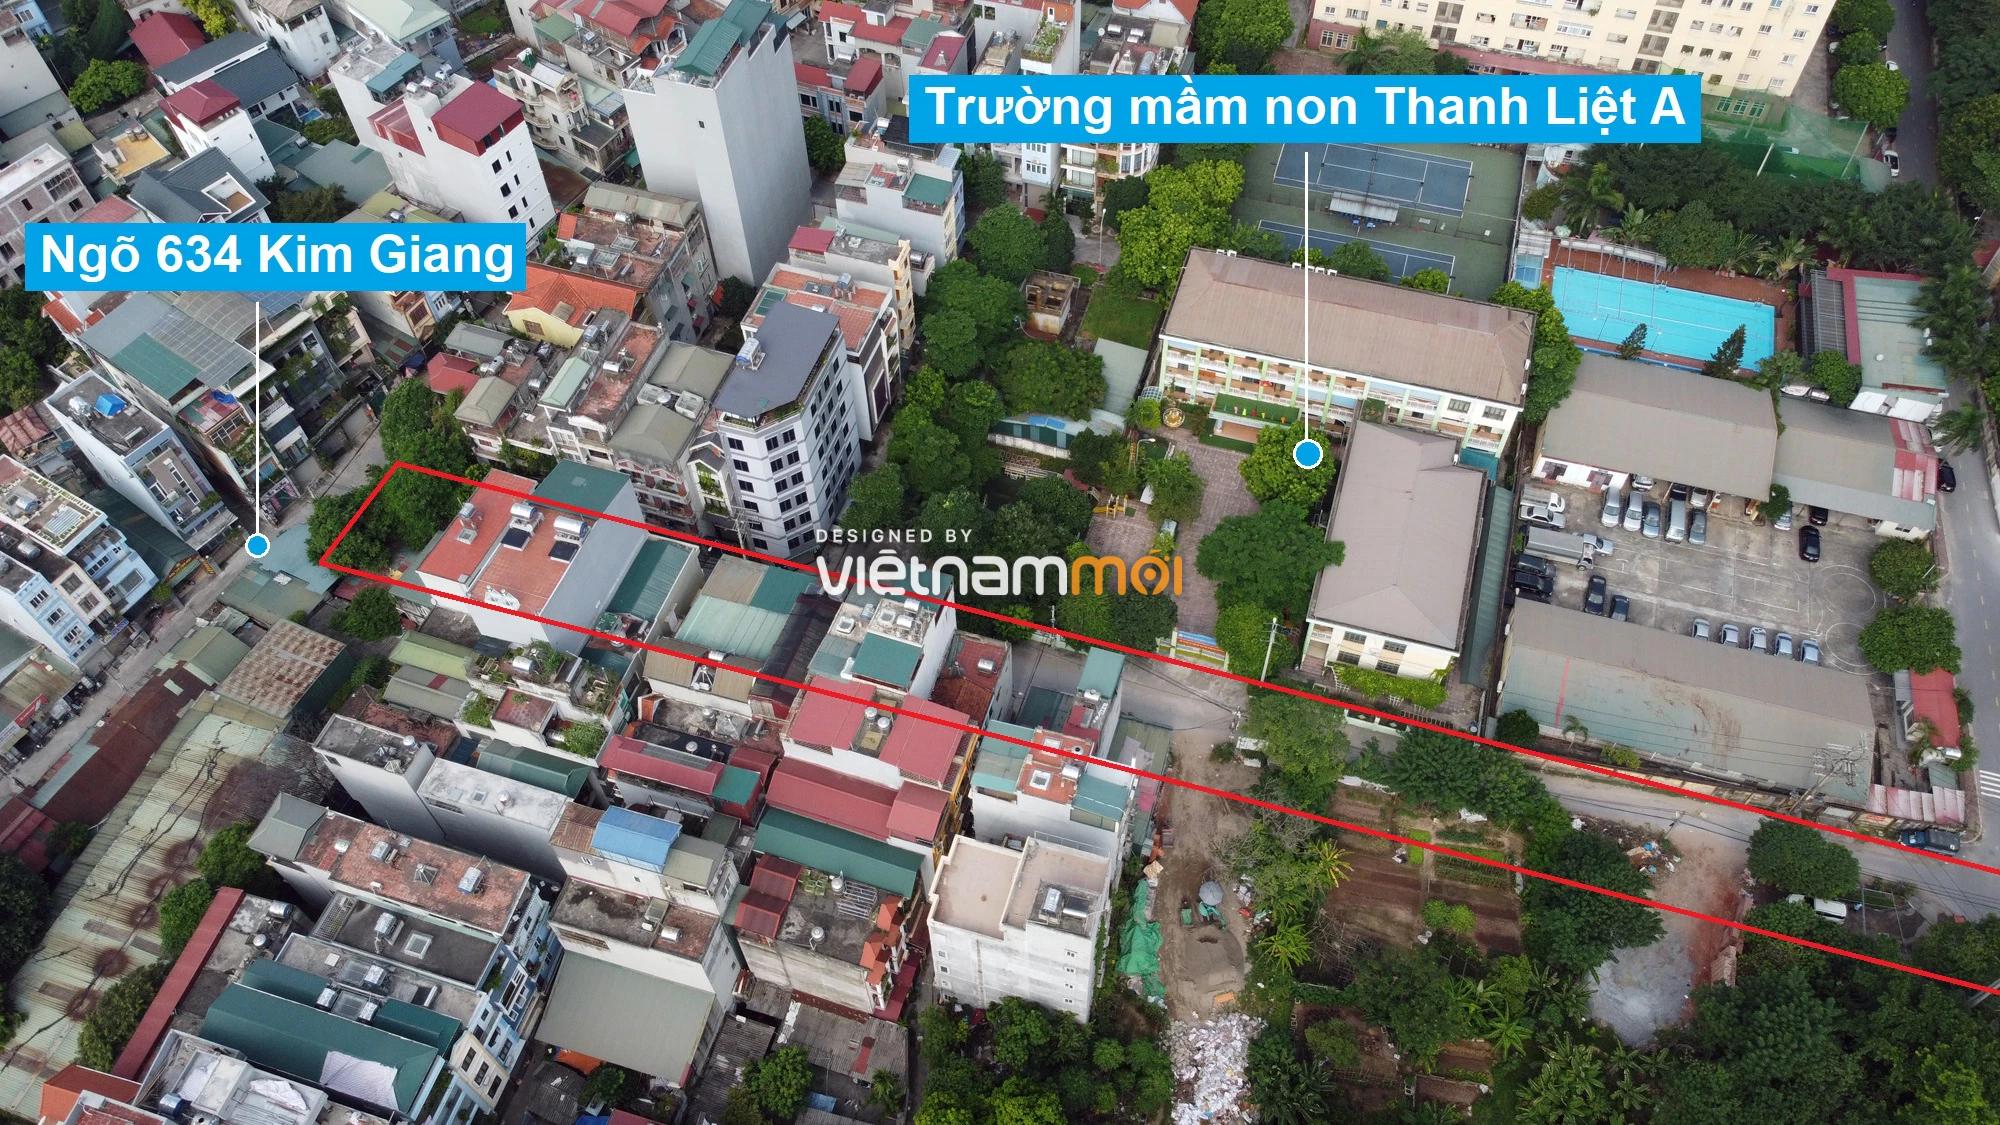 Những khu đất sắp thu hồi để mở đường ở xã Thanh Liệt, Thanh Trì, Hà Nội (phần 4) - Ảnh 8.